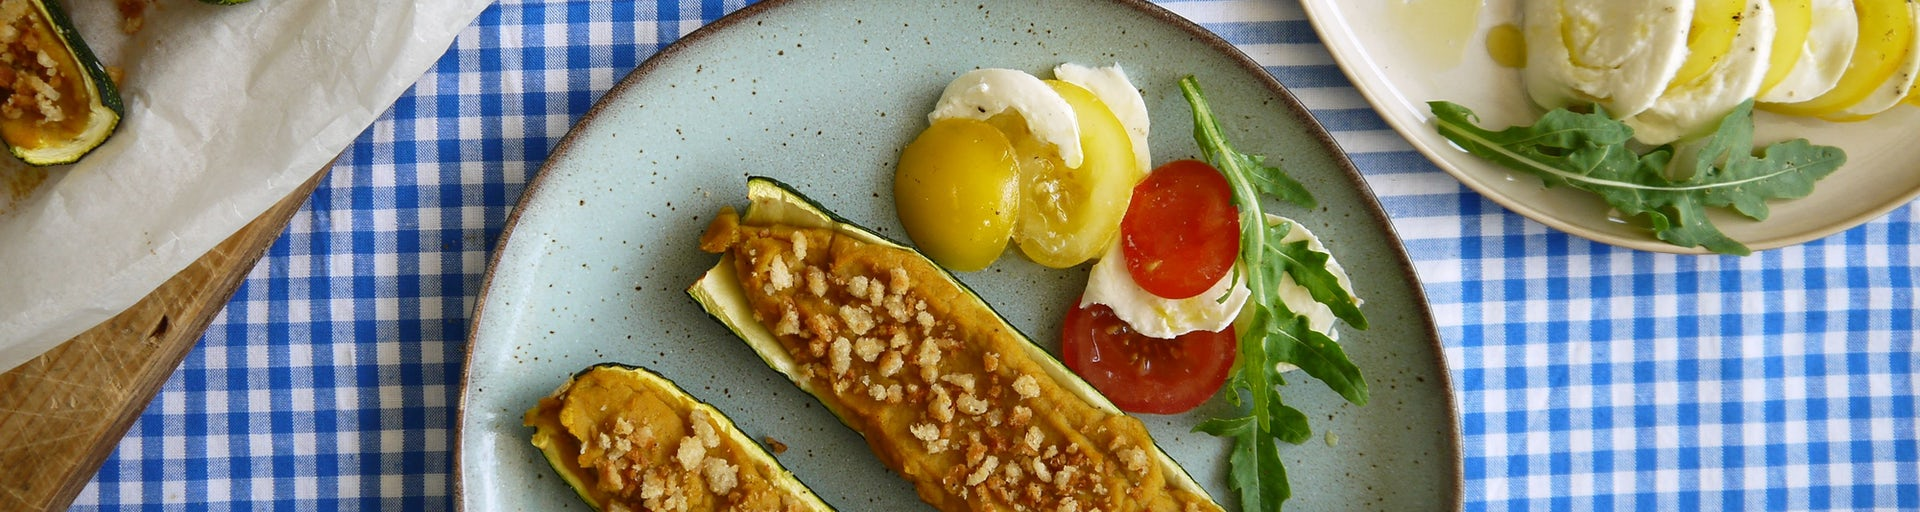 3766 Courgette Gevuld Met Boterbonenpuree En Pangrattato Met Een Salade Van Mozzarella En Tomaat